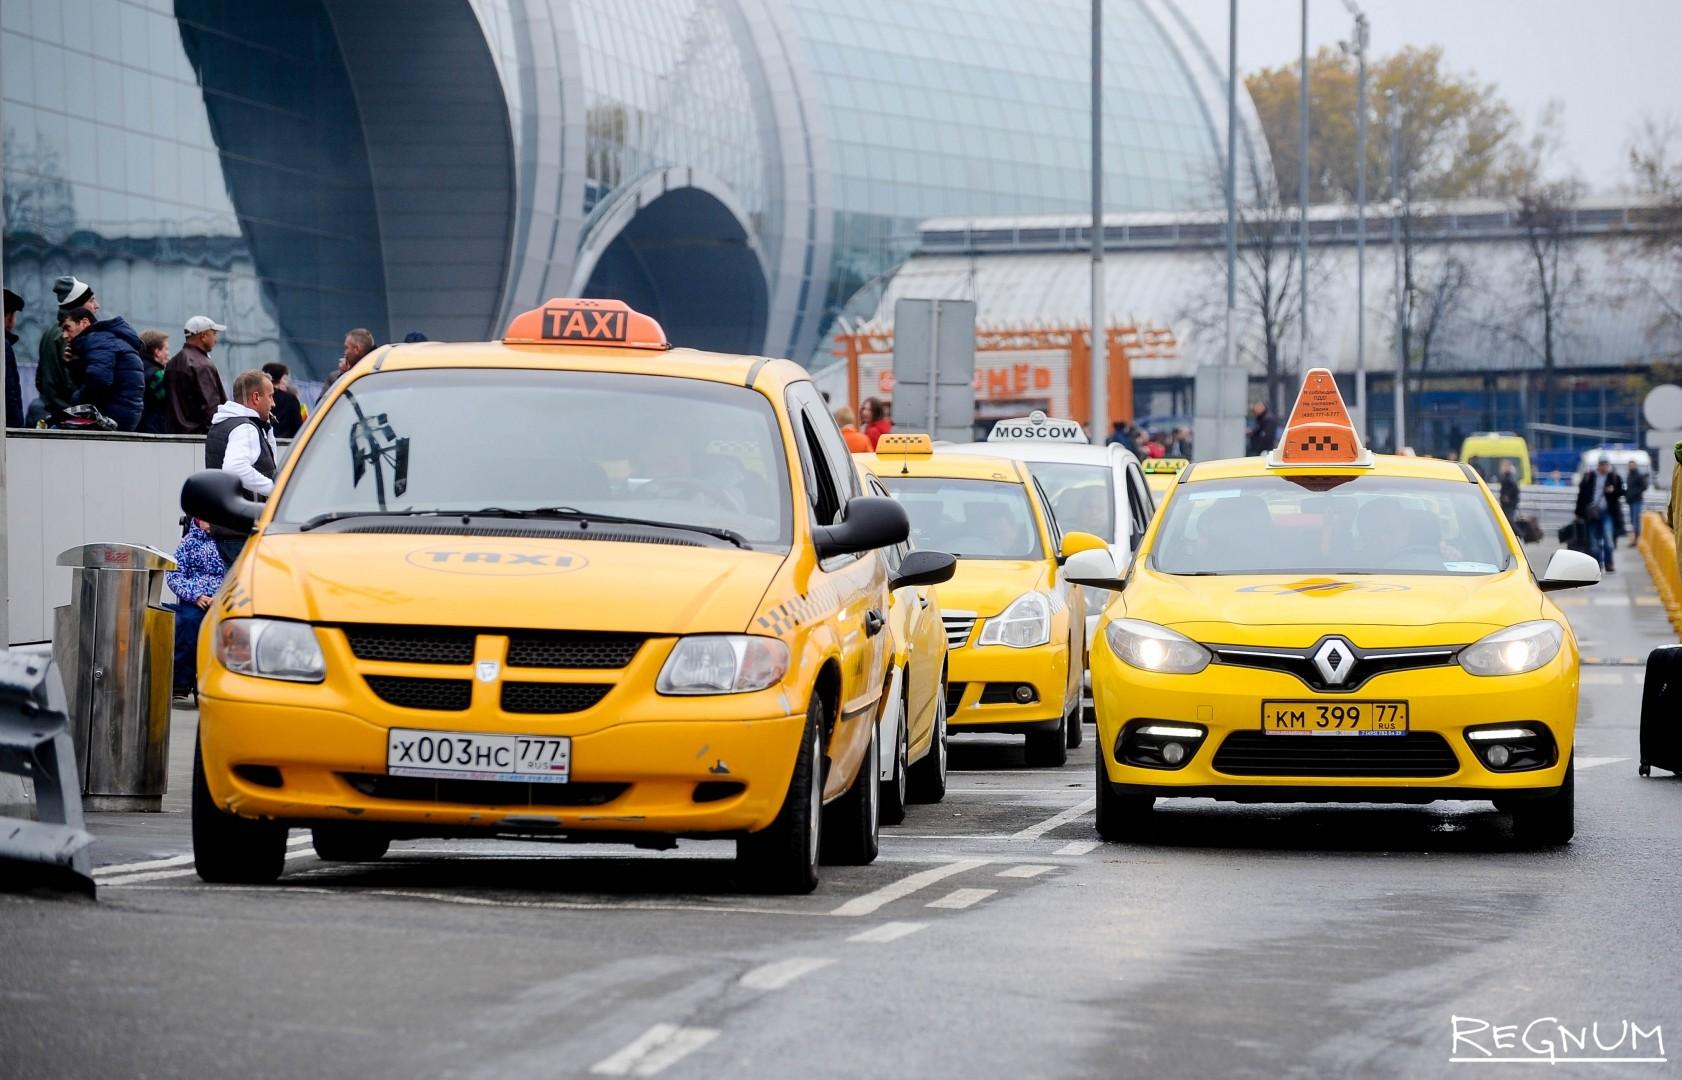 56bebe08f Крах Uber: что ждёт рынок таксомоторных перевозок Москвы? - ИА REGNUM